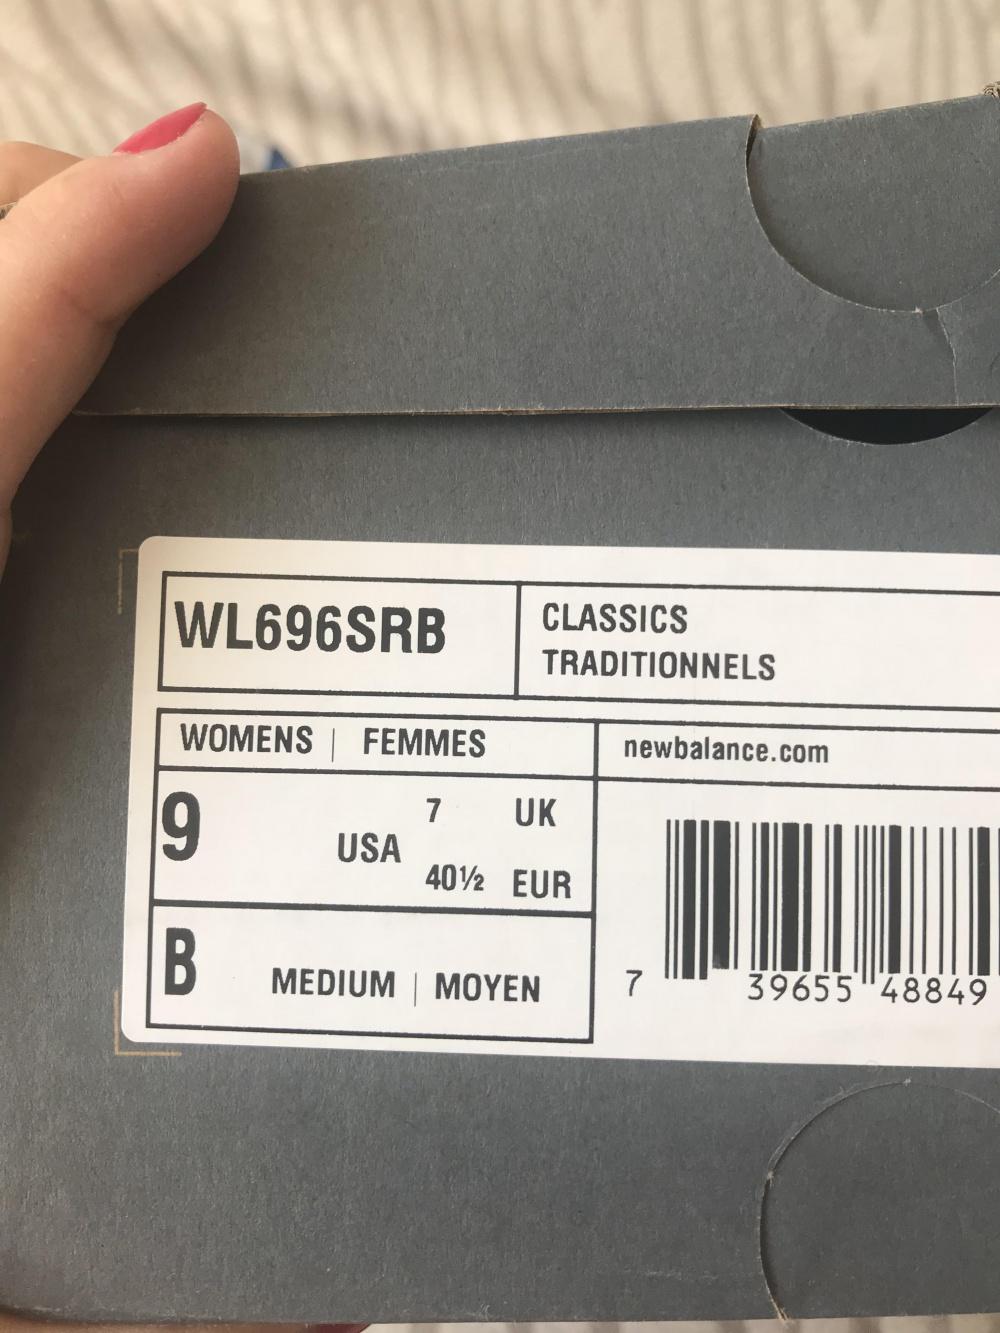 Кроссовки new balance, 696 модель, размер 39